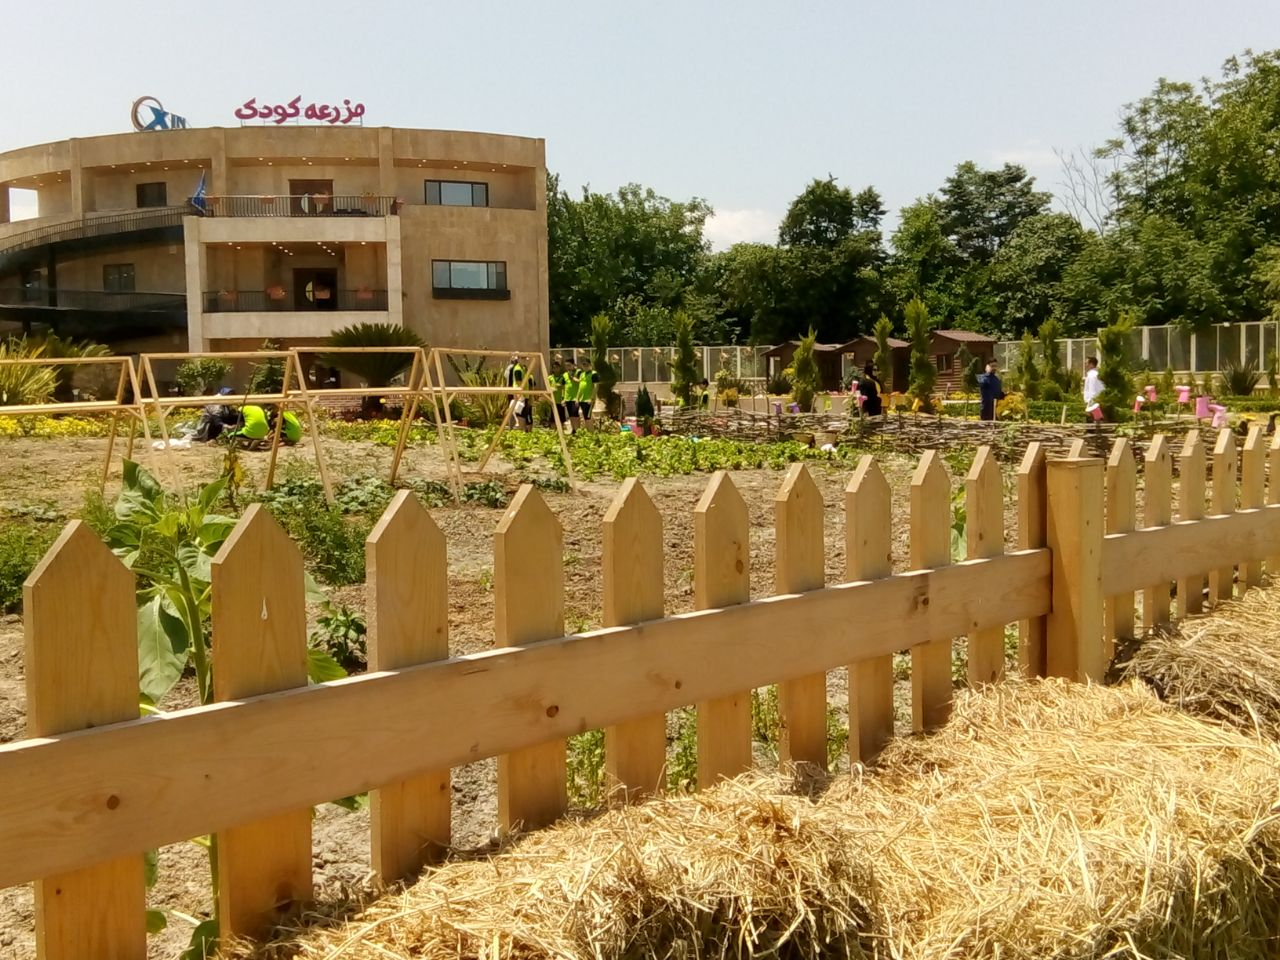 مزرعه کودک اکسین اولین مرکز گردشگری تفریحی کودک در ایران مزرعه کودک اکسین آمل